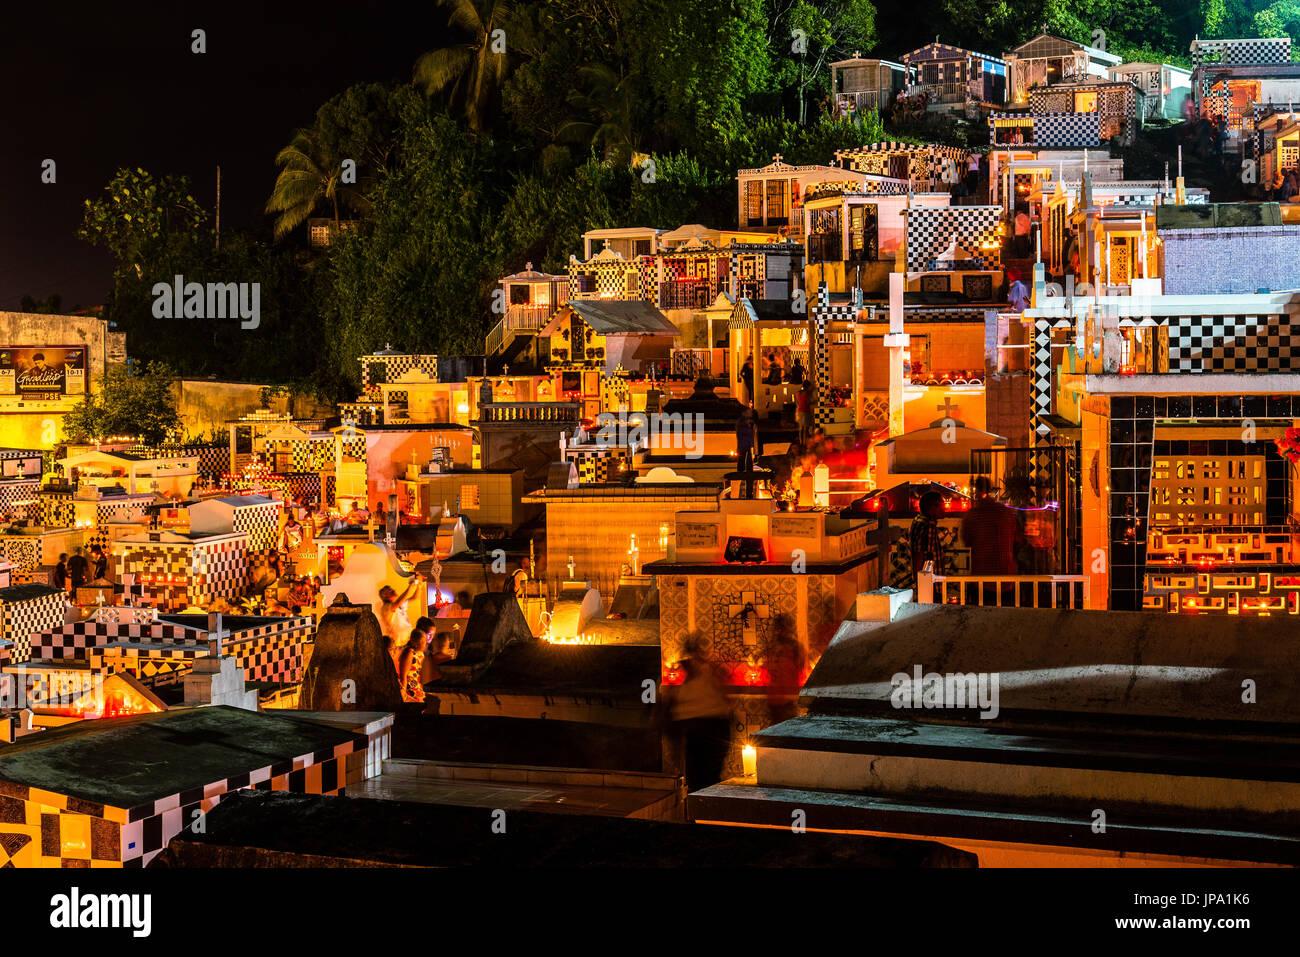 El MORNE-A-L'Eau, Guadalupe - Noviembre 01, 2015: Cementerio en 'Morne-à-l'Eau', Guadalupe. con velas encendidas en el día de Todos los Santos Imagen De Stock